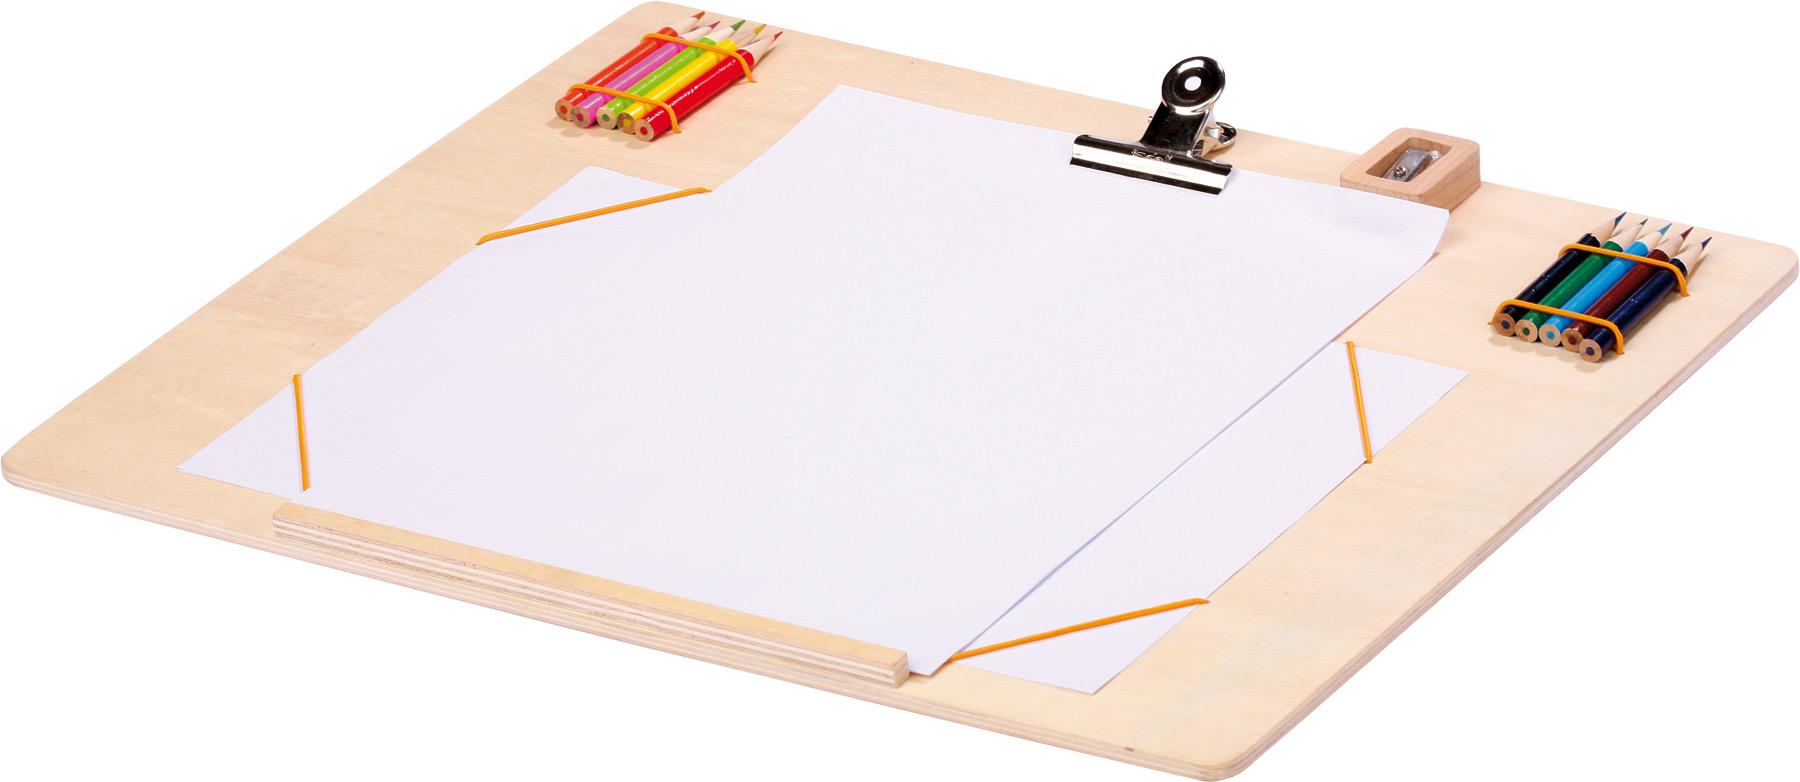 Planche à dessin